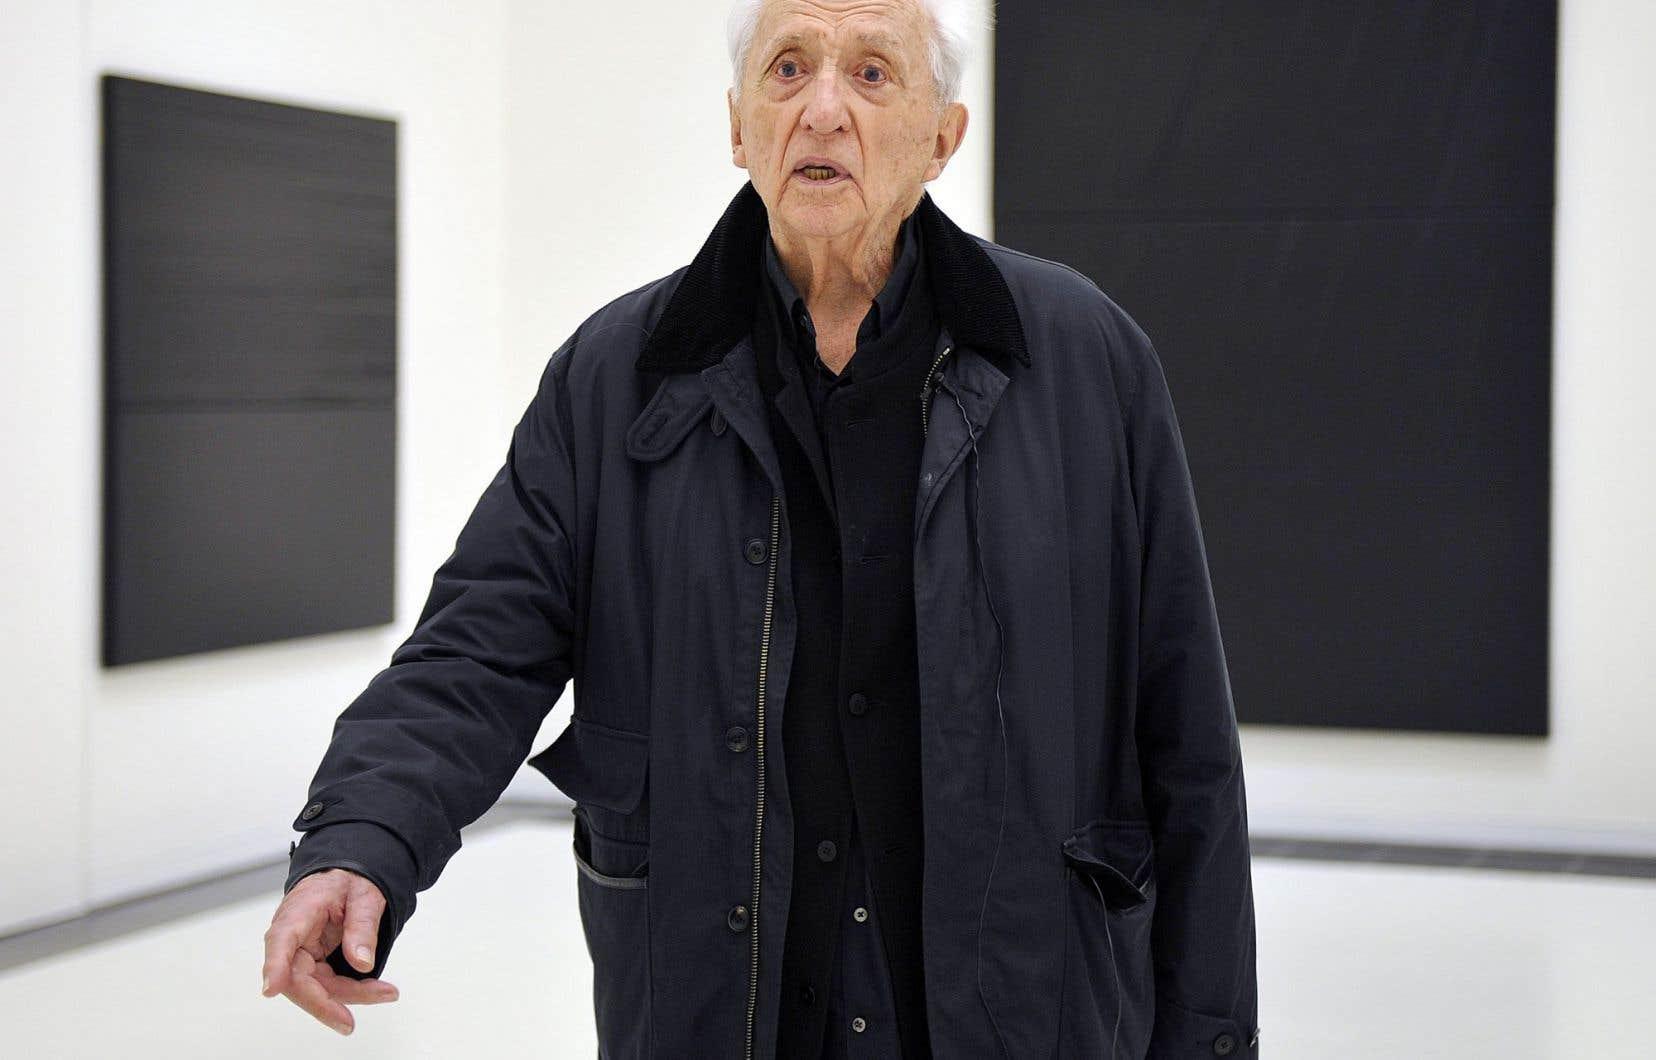 L'usage que fait l'artiste Pierre Soulages du noir est reconnu.